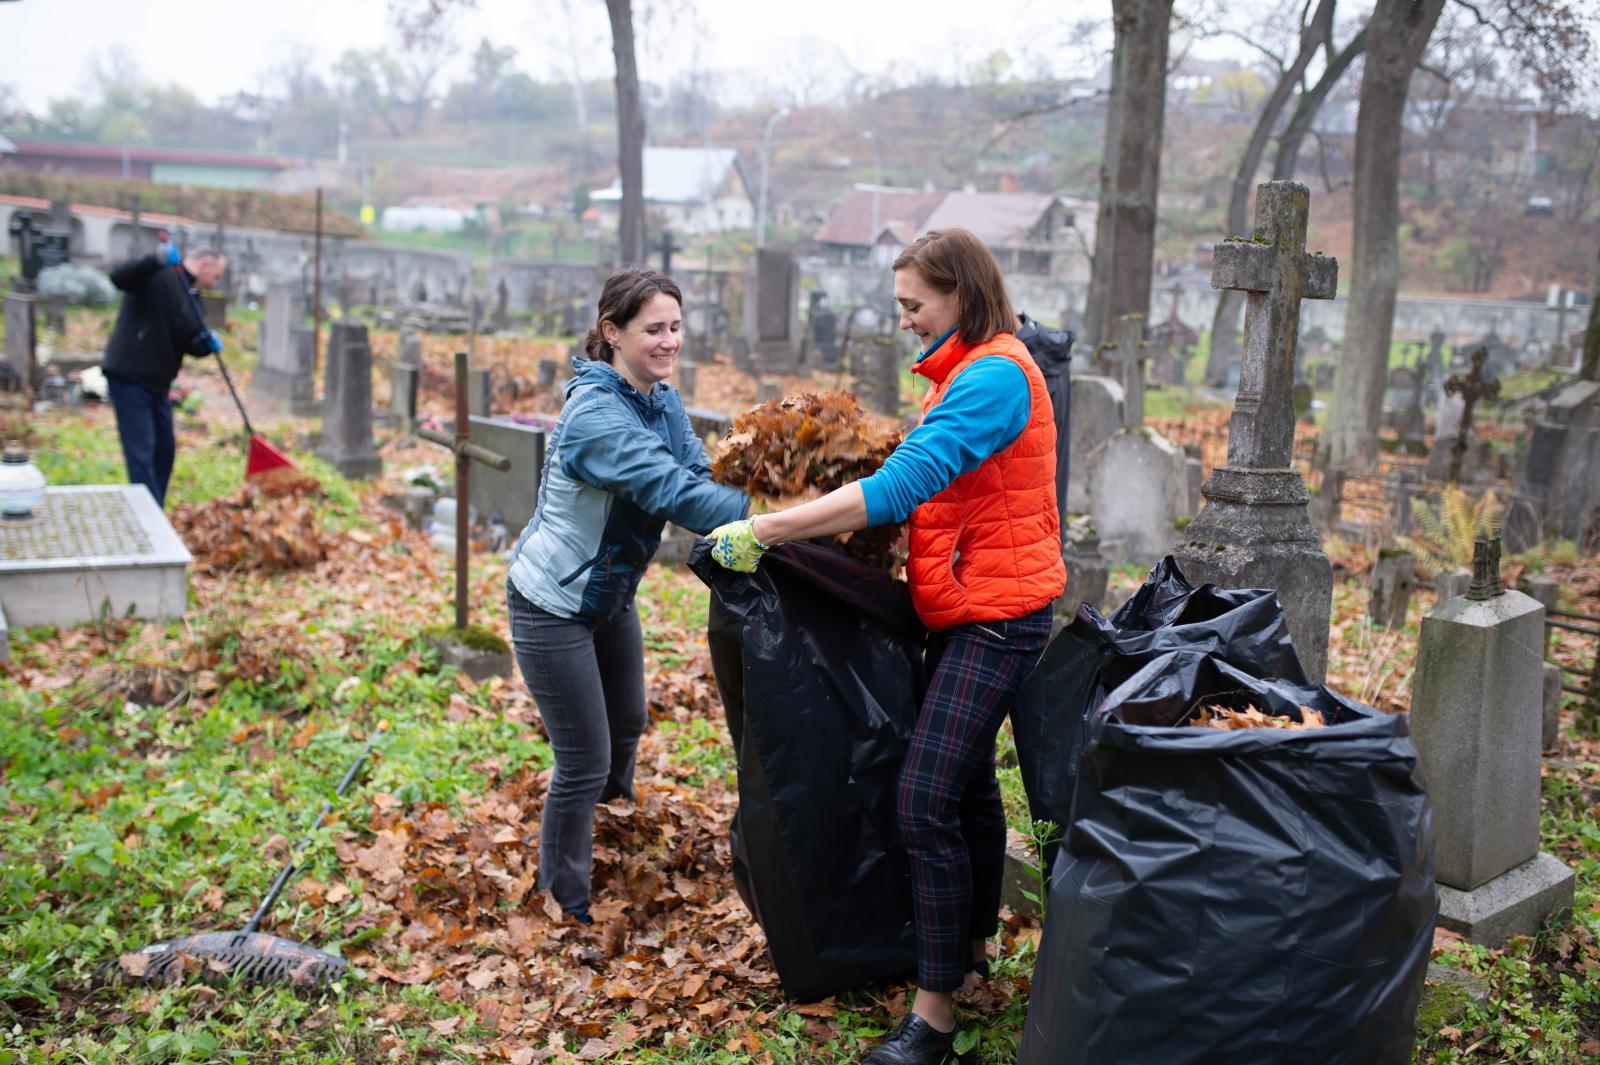 Młodzież w Wilnie sprząta polskie groby PAP/Valdemar Doveiko